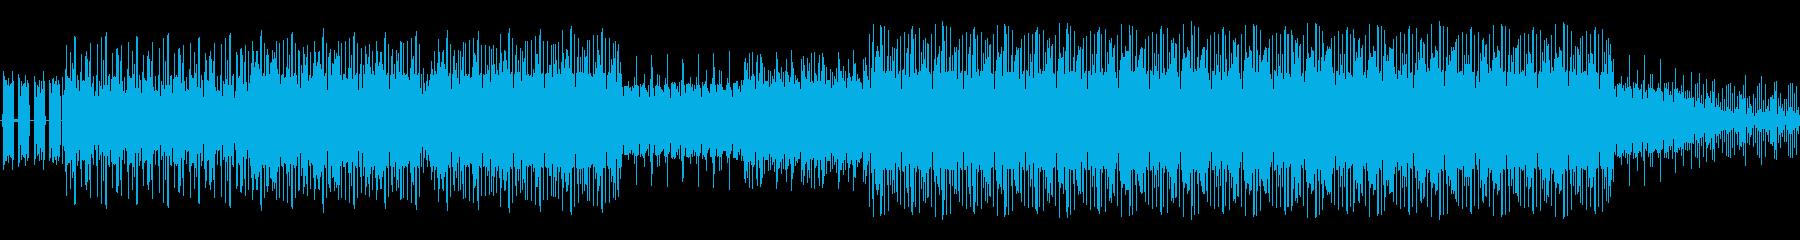 チルラウンジ。の再生済みの波形